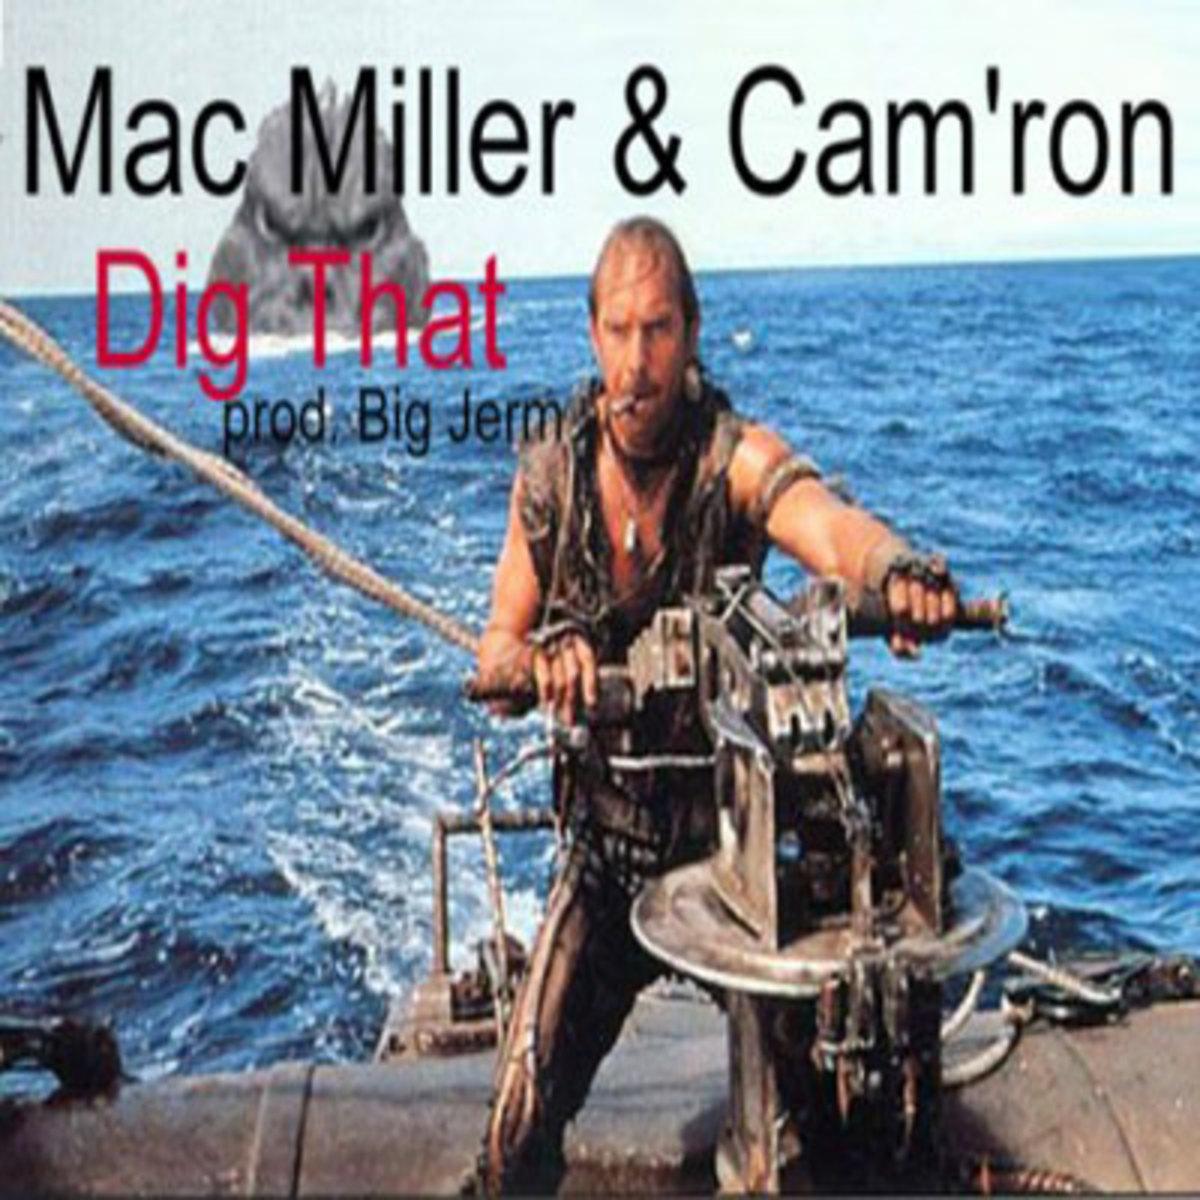 macmiller-digthat.jpg